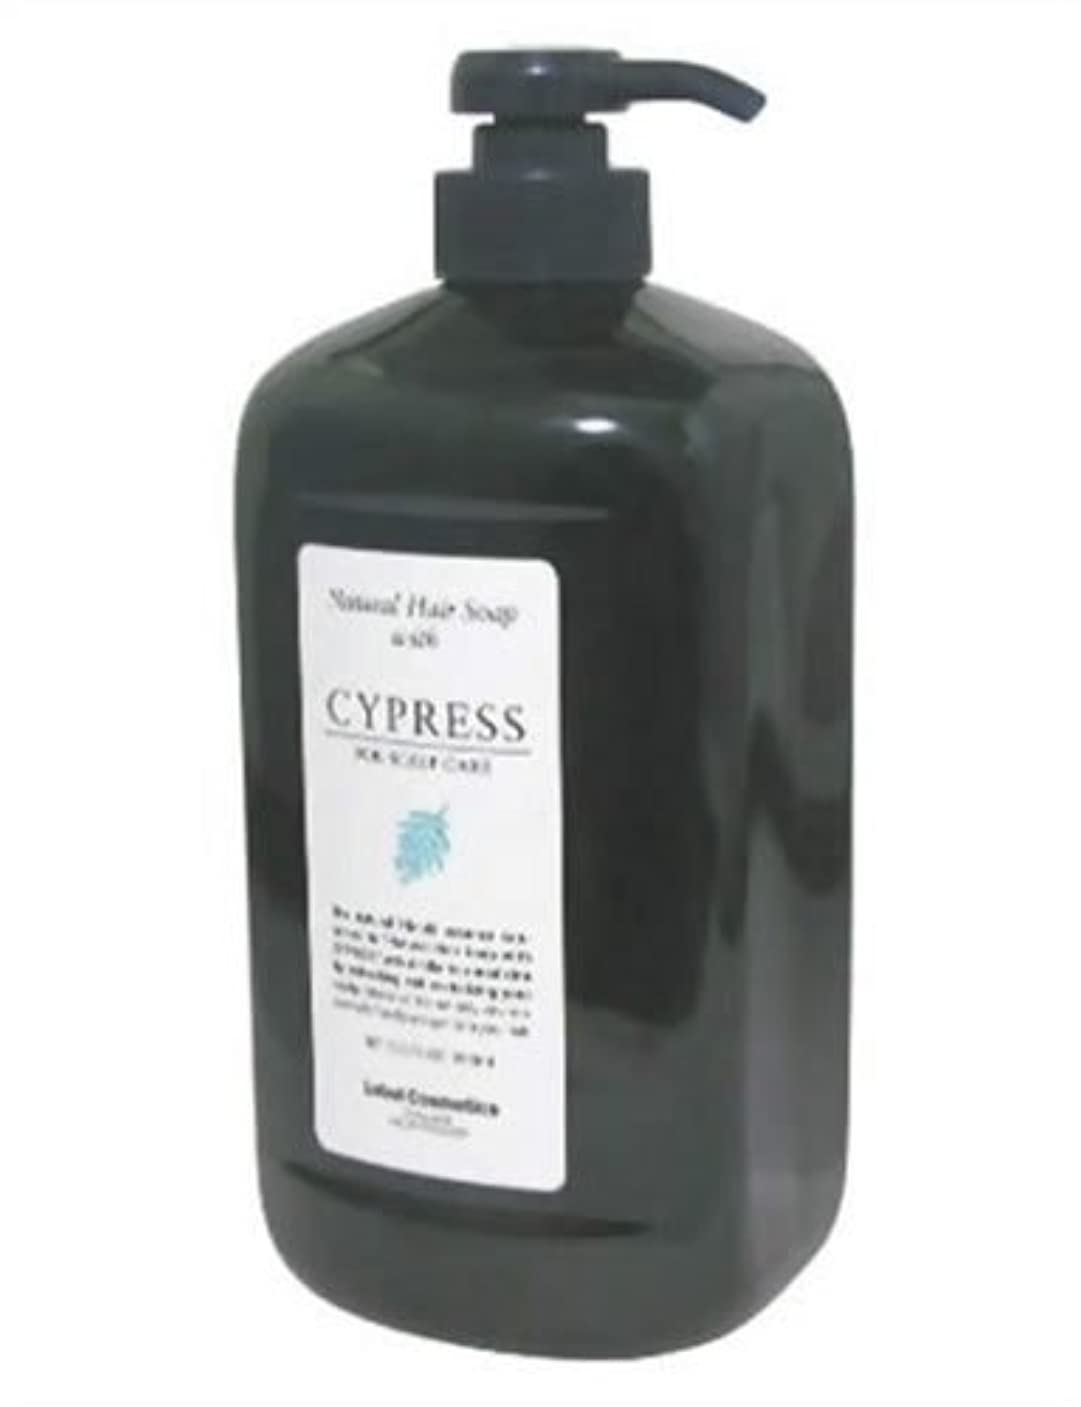 守る樹皮ぬいぐるみルベル ナチュラルヘアソープ ウイズ CY(サイプレス) シャンプー 1000ml